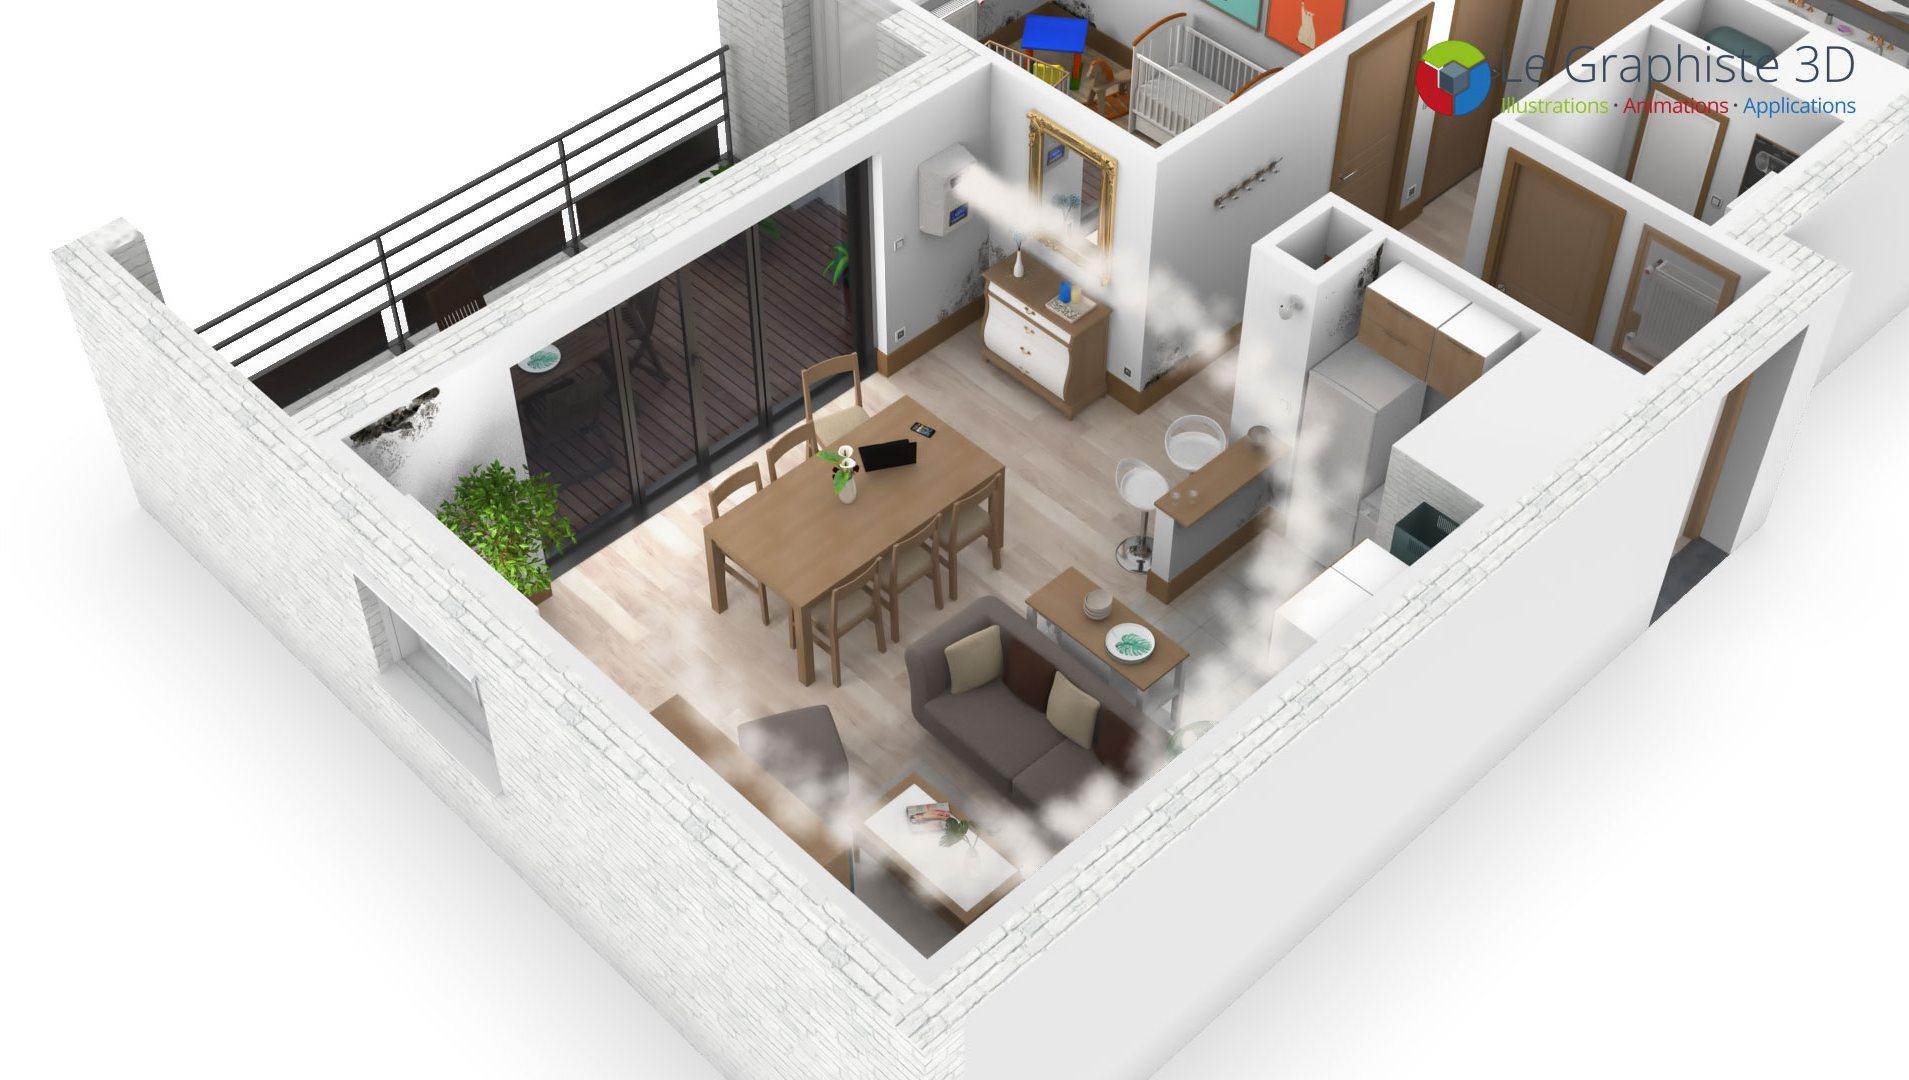 Représentation des flux d'air d'une centrale de traitement d'air dans un salon